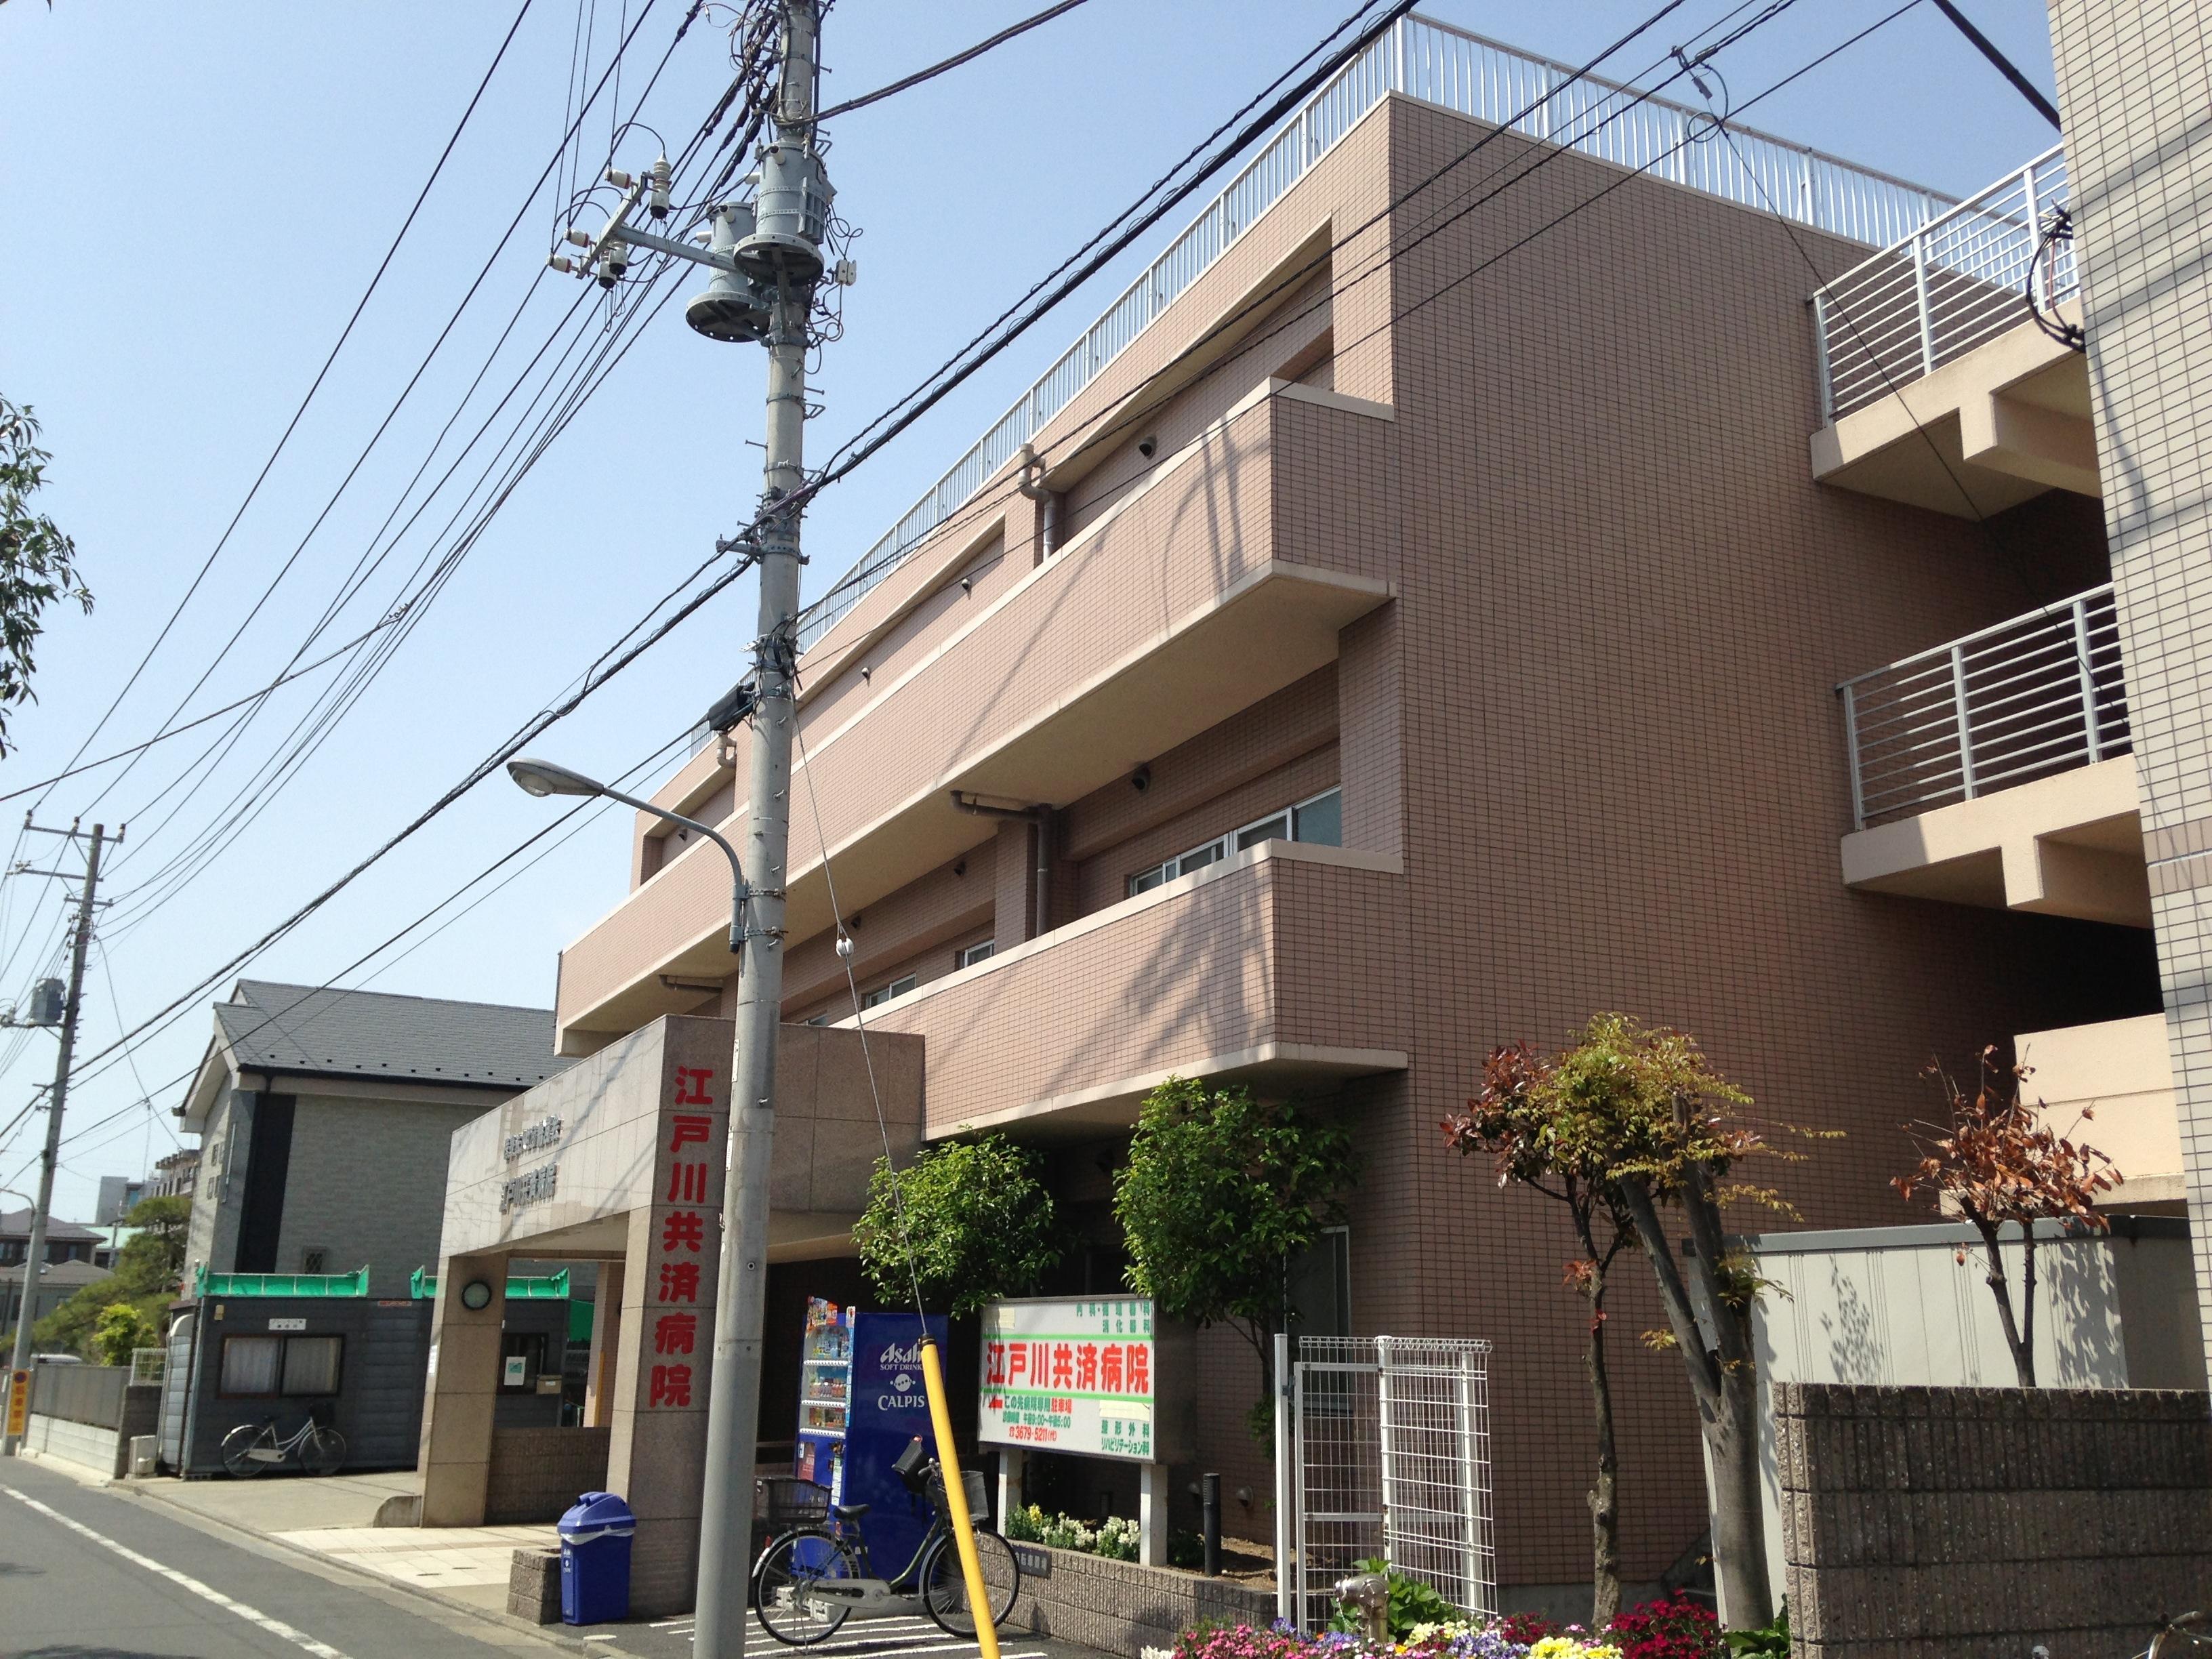 江戸川共済病院の写真1001